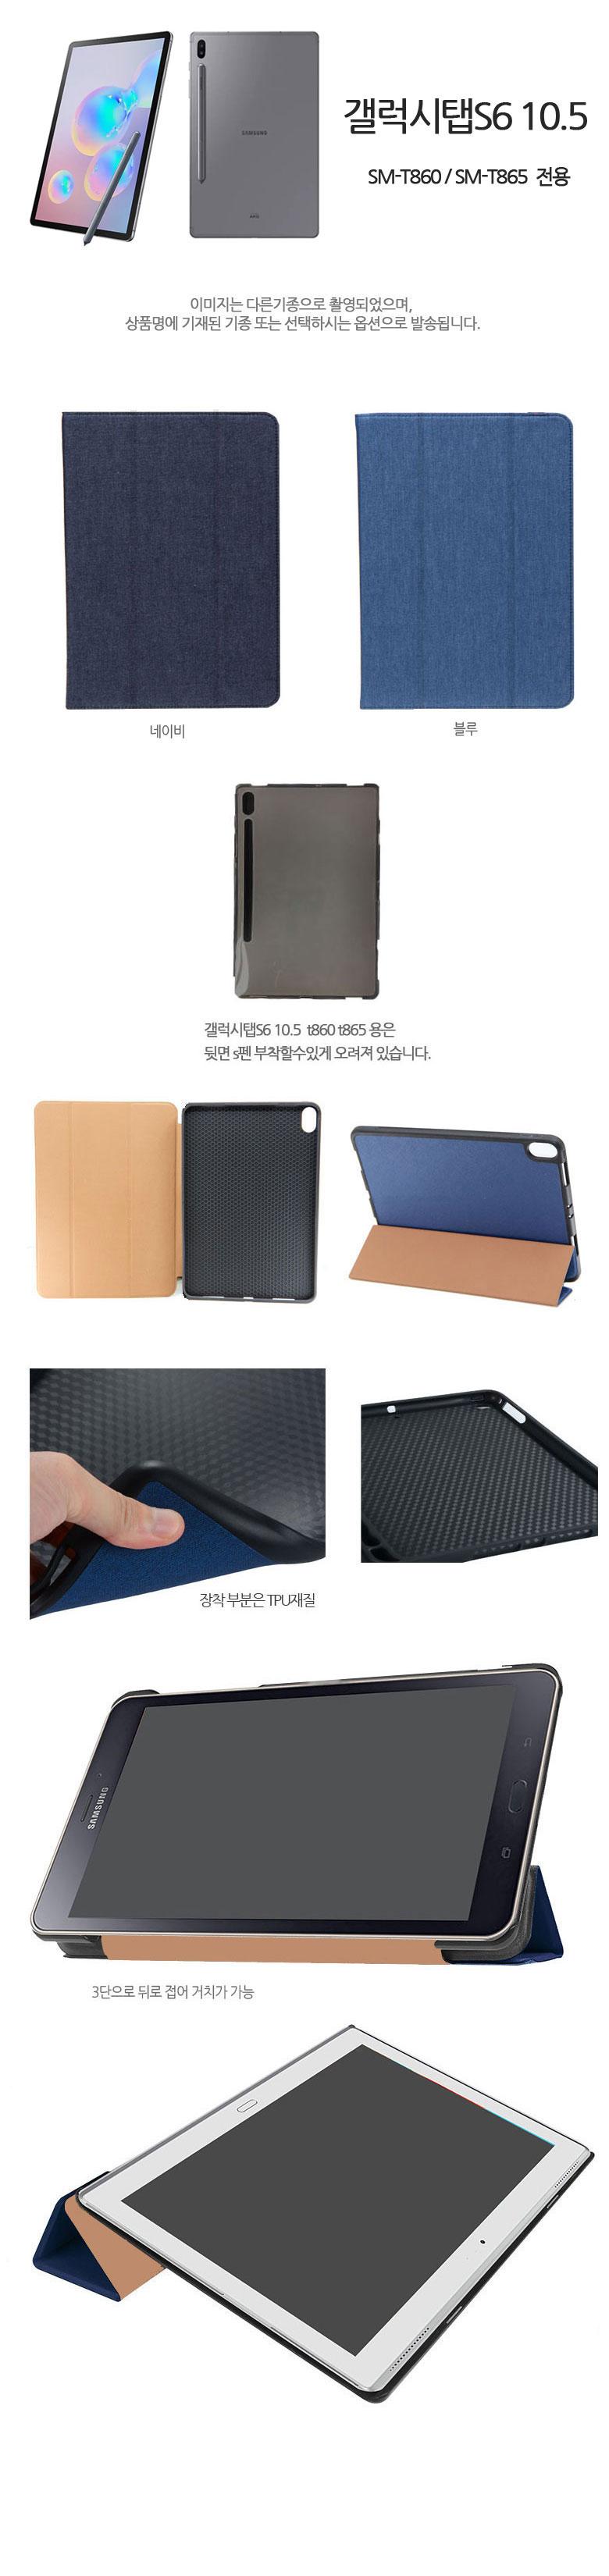 갤럭시탭S6 10.5)TPU청바지3단케이스 - AZV, 18,000원, 케이스, 기타 갤럭시 제품